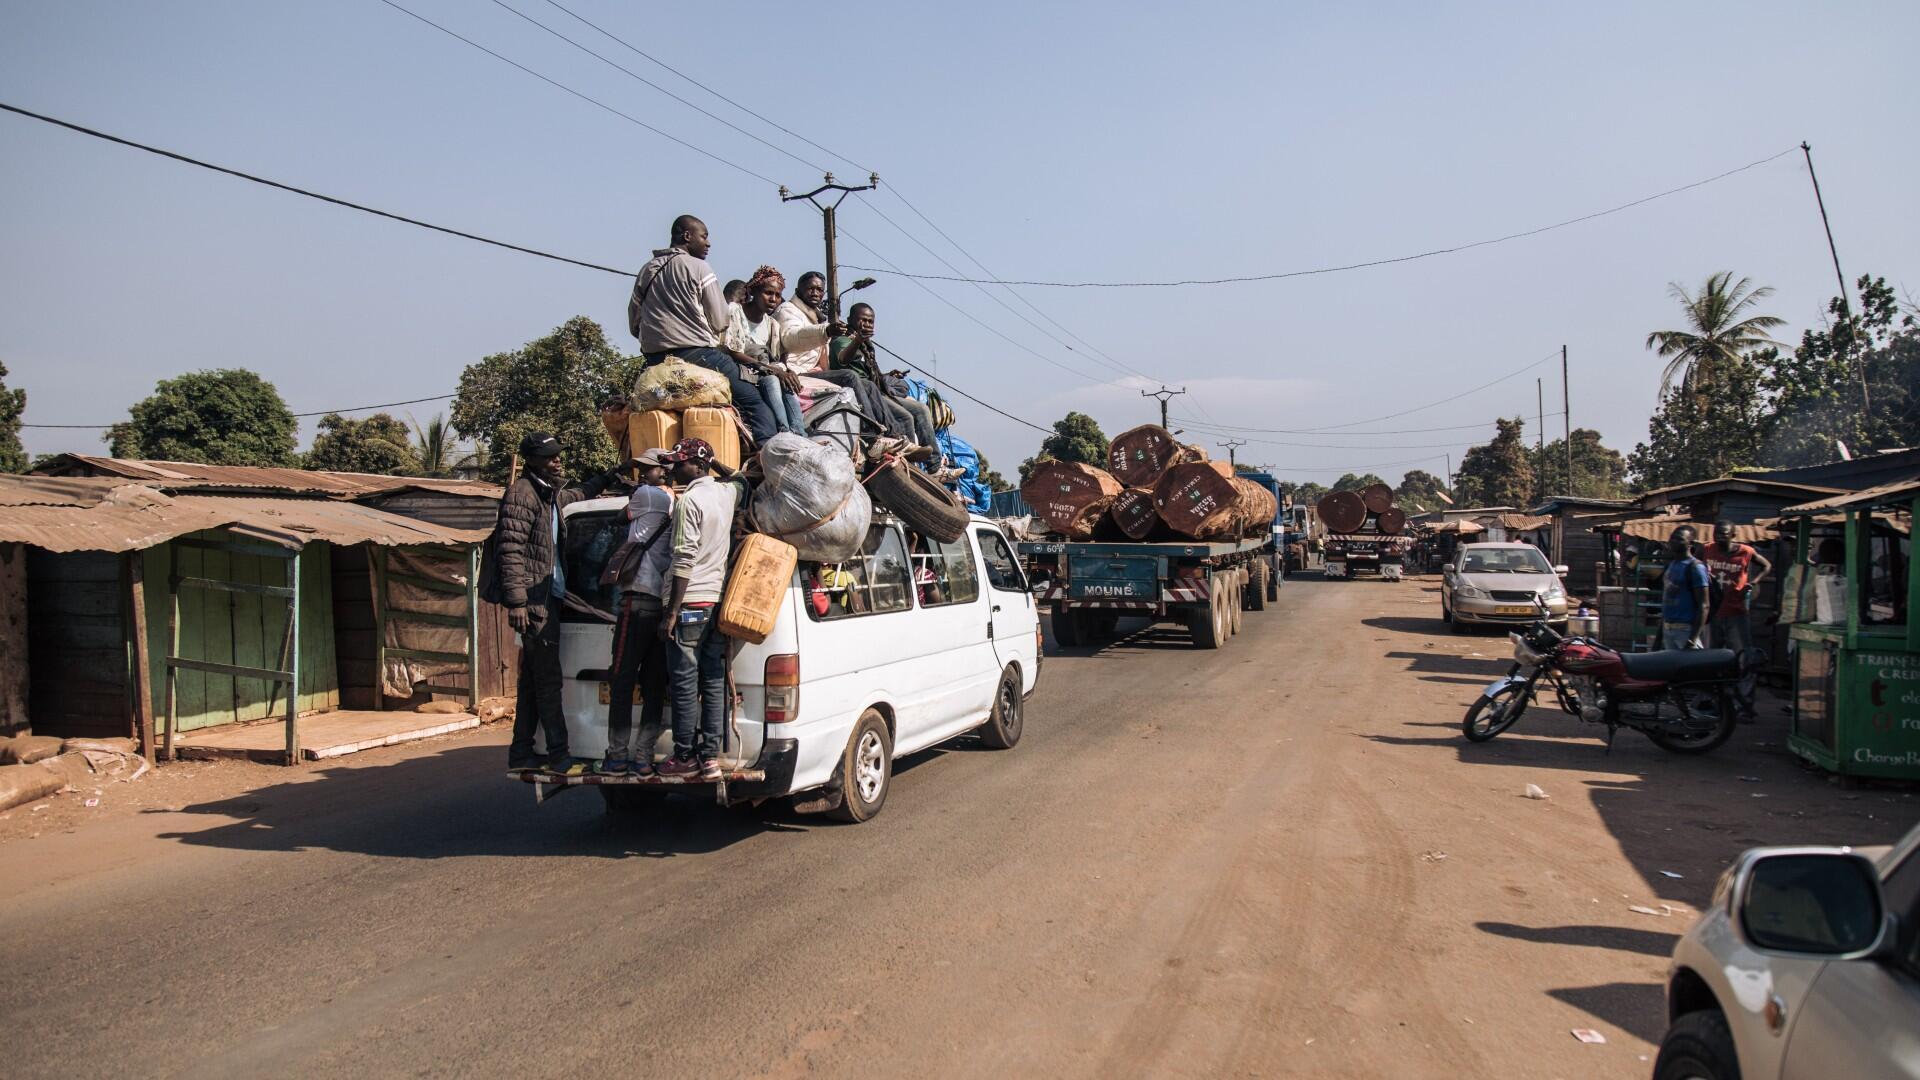 Los viajeros se ven obligados a dar marcha atrás en la Ruta Nacional 1 debido a enfrentamientos a 25 kilómetros más adelante en la ruta entre los grupos armados y el Ejército Centroafricano, apoyados supuestamente por elementos de seguridad privada rusa, en Boali, el 22 de diciembre de 2020.